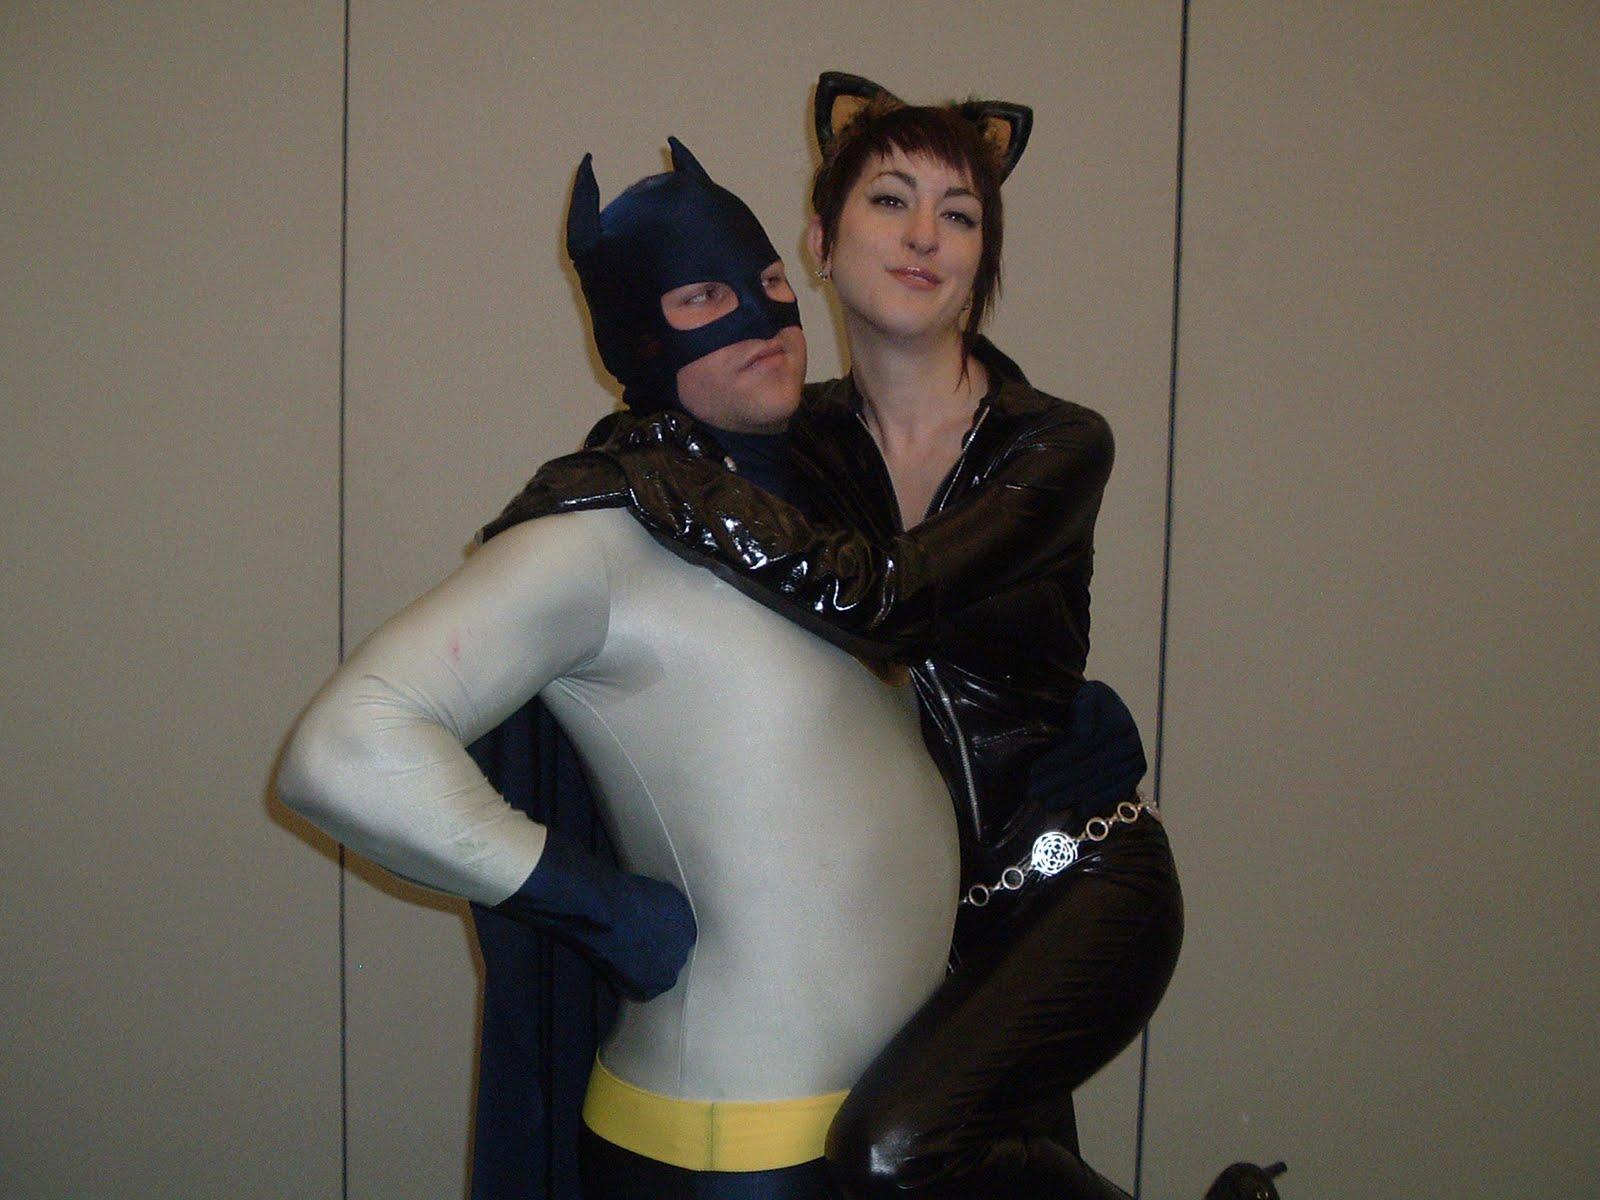 Les sketcheurs cosmiques batman contre le joker catwoman - Batman contre joker ...